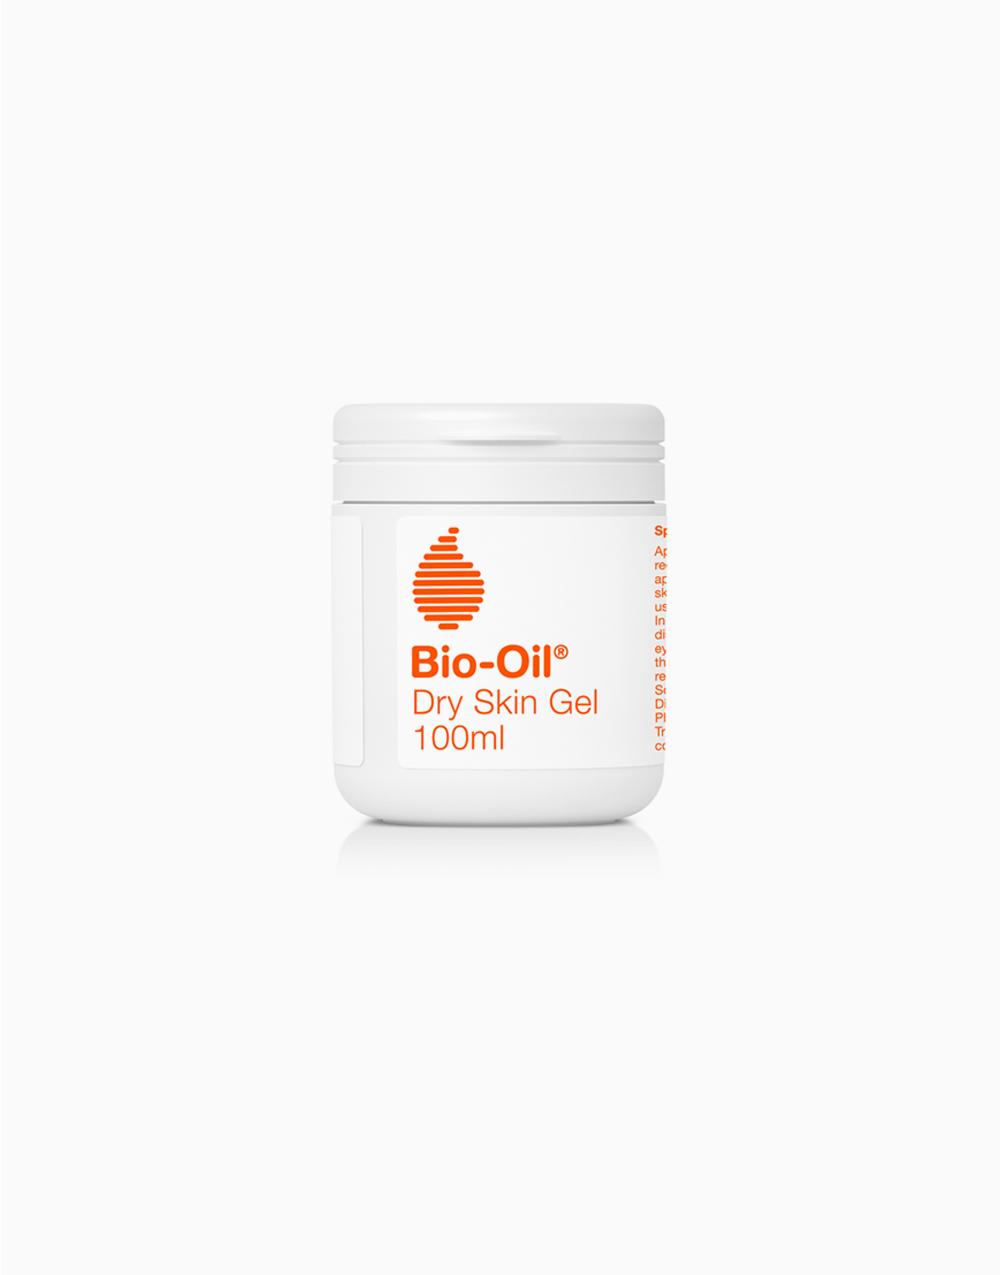 Dry Skin Gel (100ml) by Bio-Oil